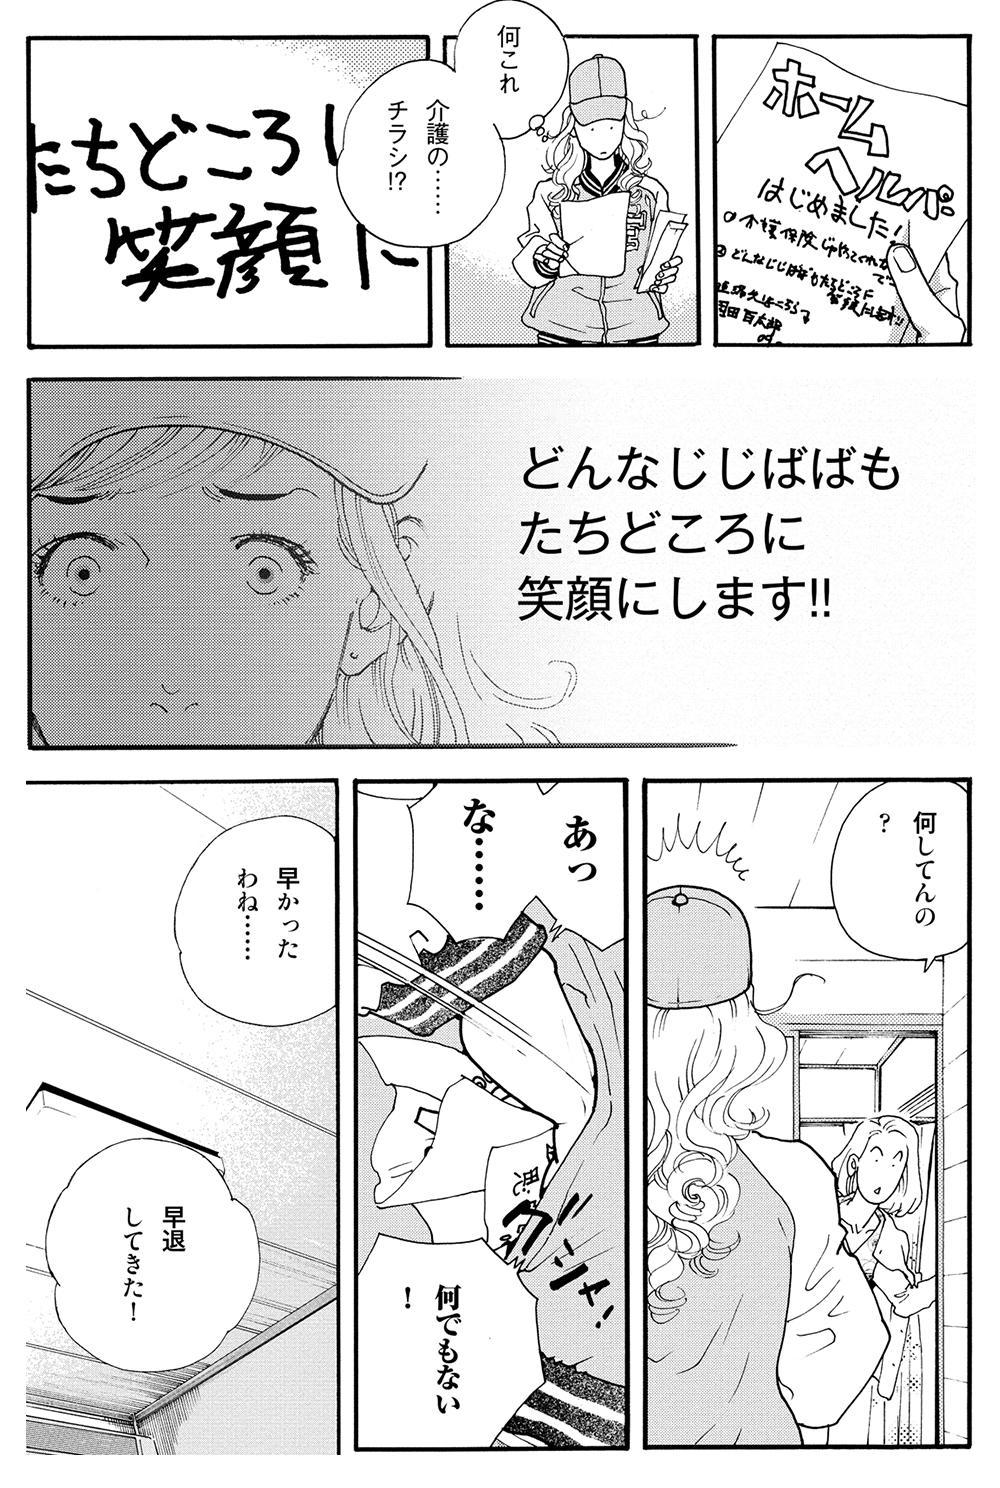 ヘルプマン!! 第1話「フリー介護士現る!」help1-8.jpg